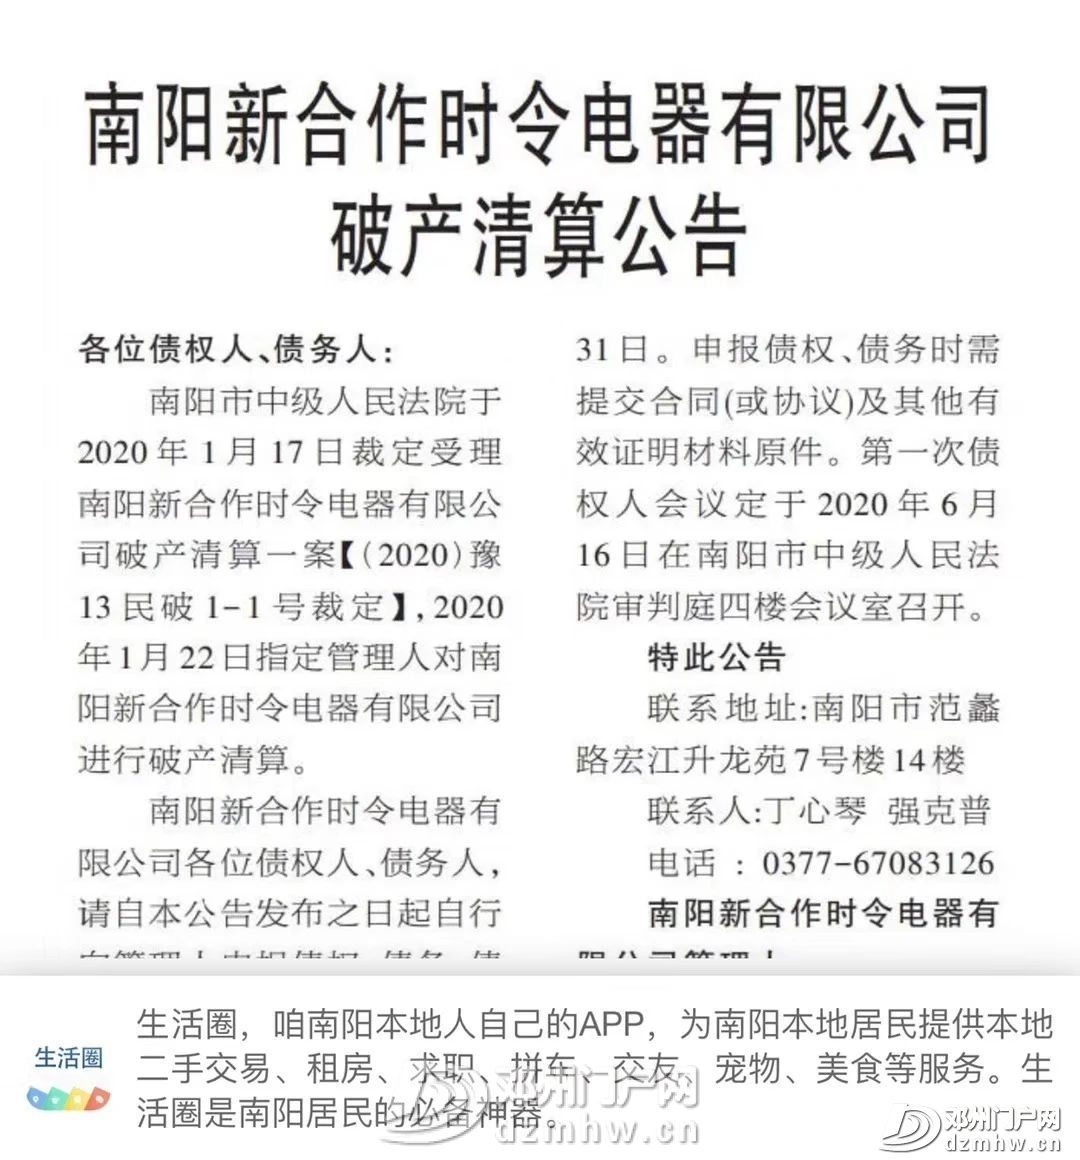 南阳时令电器破产公告! - 邓州门户网 邓州网 - b3a031d20adce20e0b7648ffa34bb54a.jpg